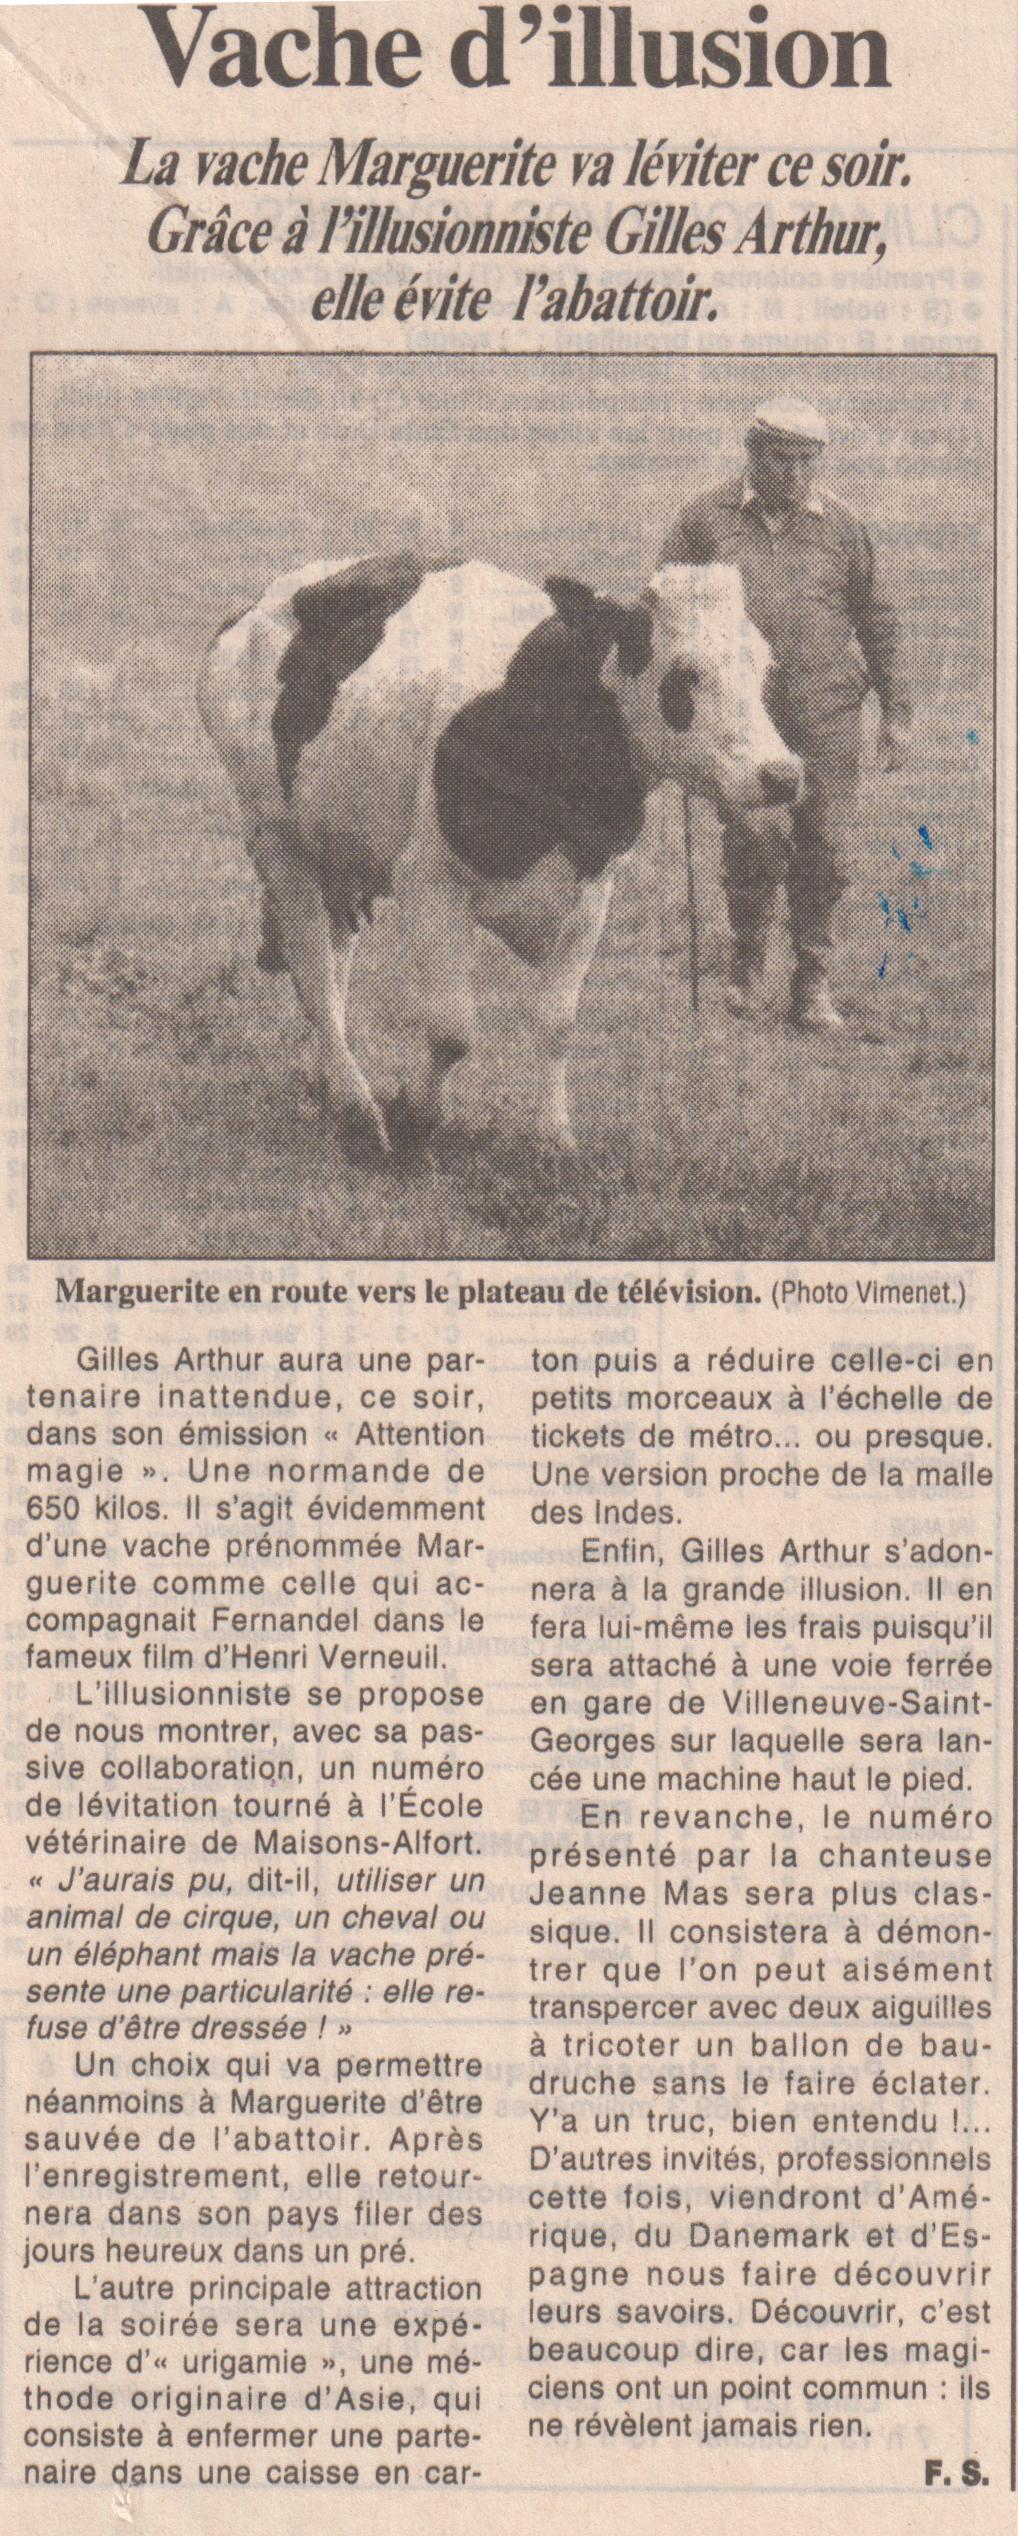 Le Figaro 1993